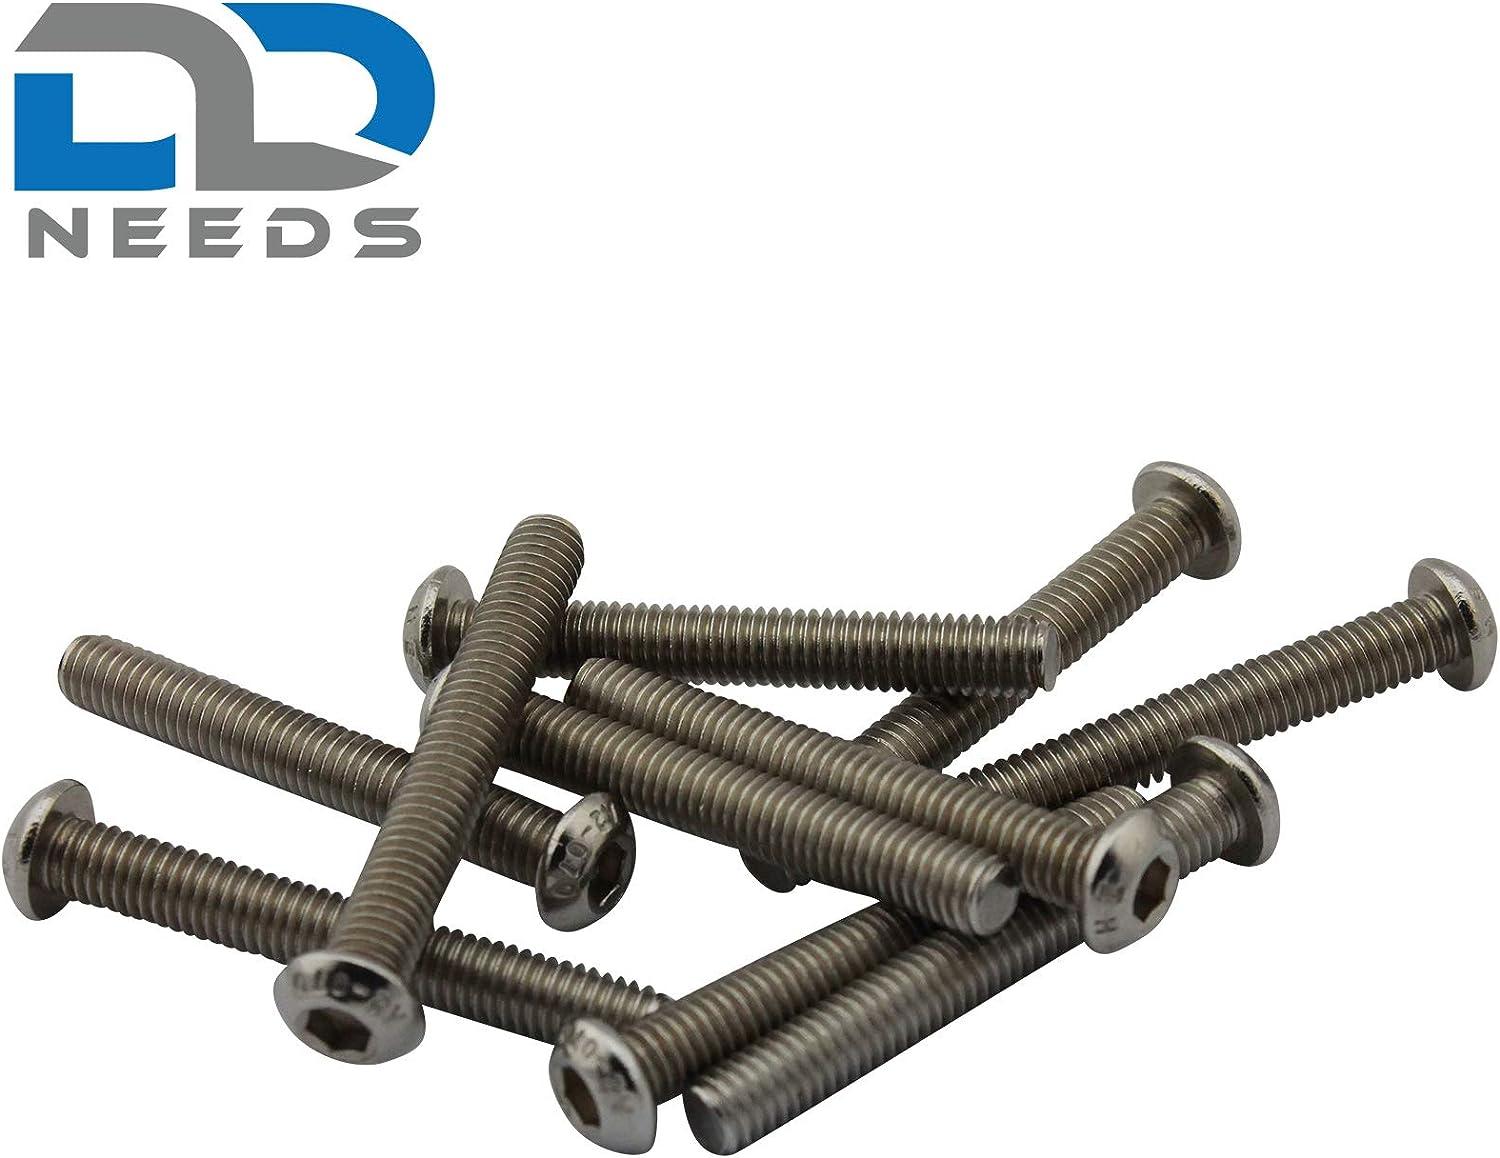 PU: 10 pi/èces vis /à t/ête cylindrique D2D Vis /à t/ête plate M4 x 25 mm avec six pans creux ISO 7380-1 en acier inoxydable A2 V2A